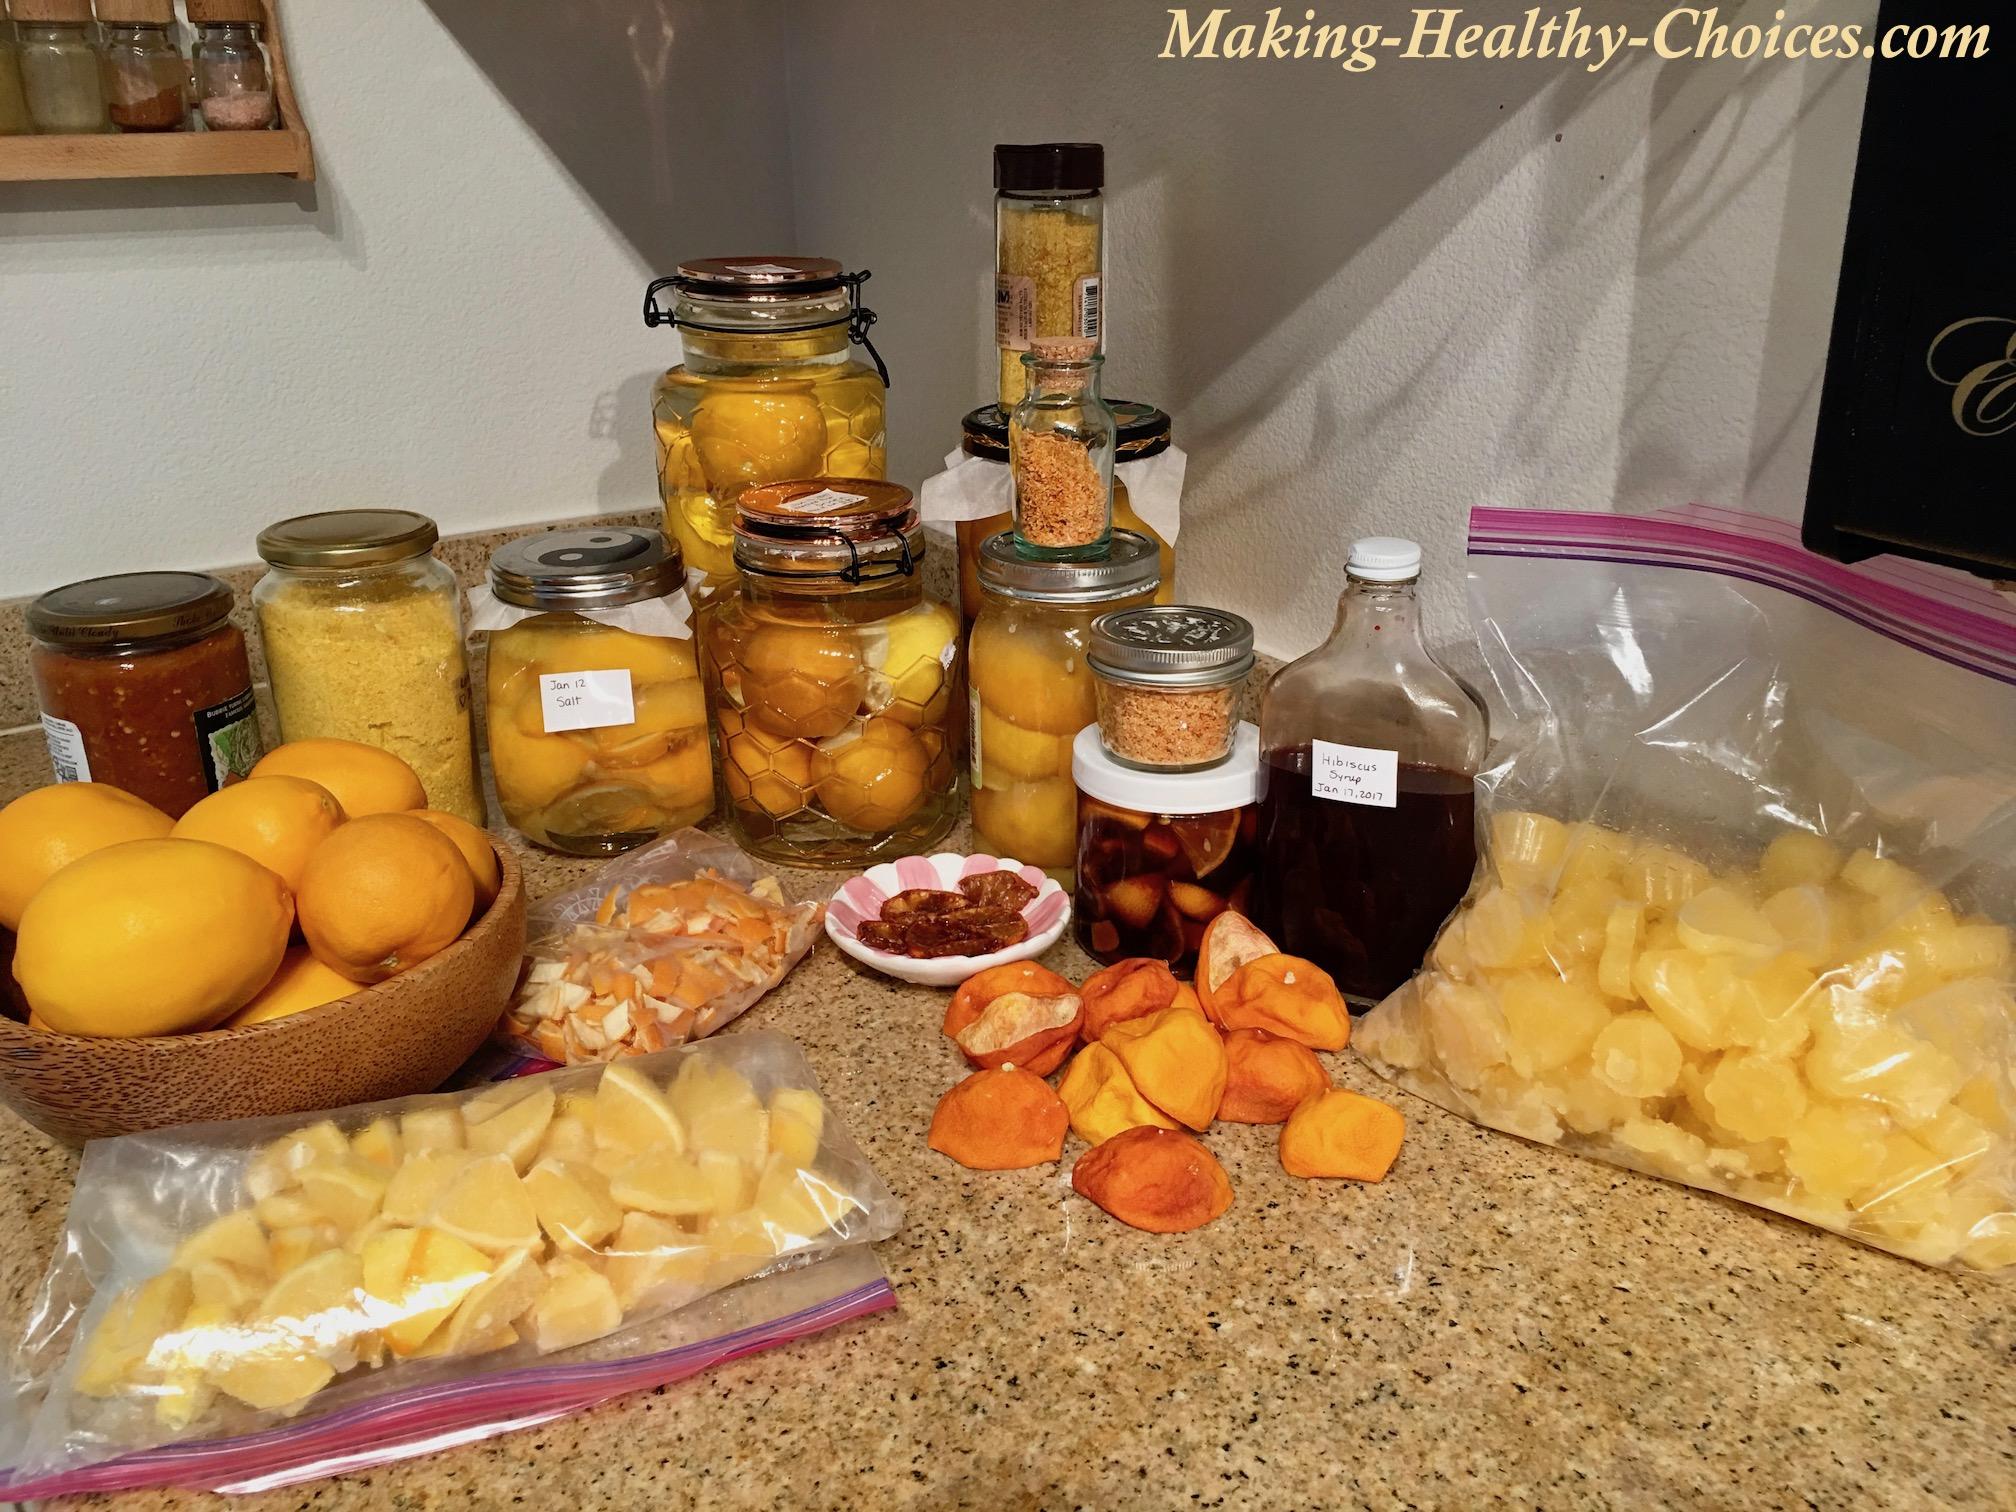 So Many Ways to Use Meyer Lemons!